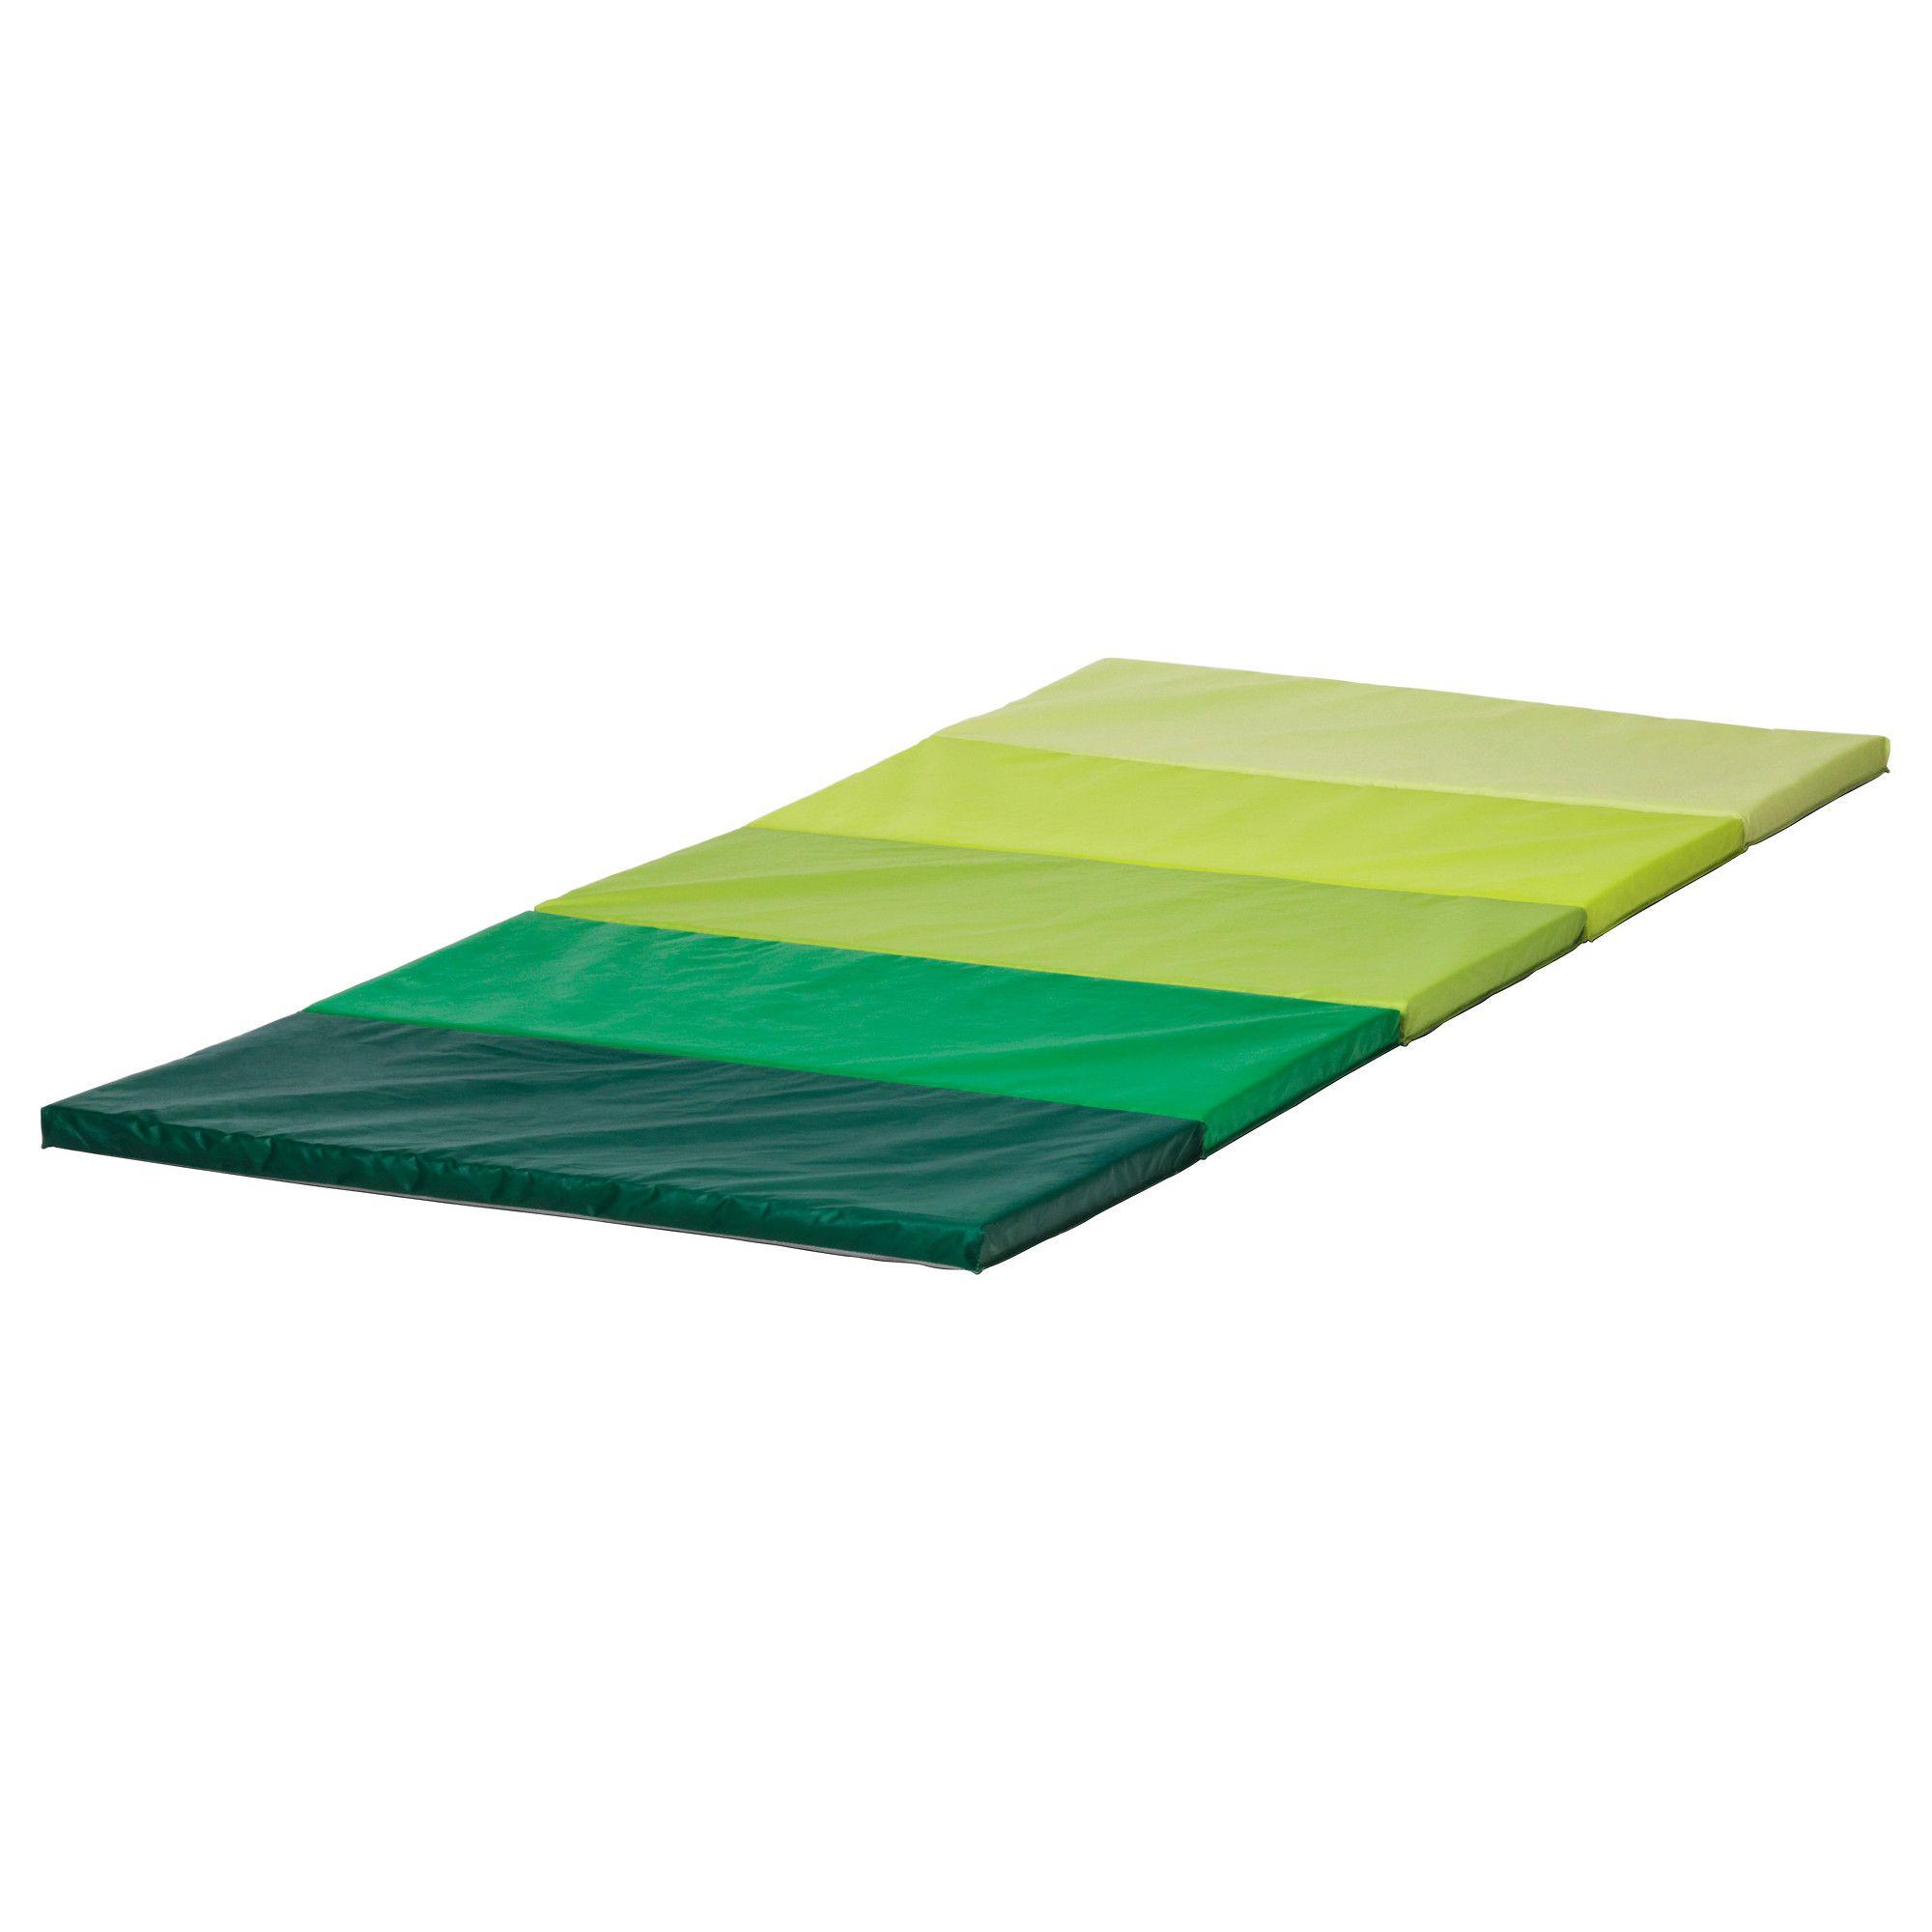 plufsig tapis de gymnastique pliant vert ma wishlist. Black Bedroom Furniture Sets. Home Design Ideas